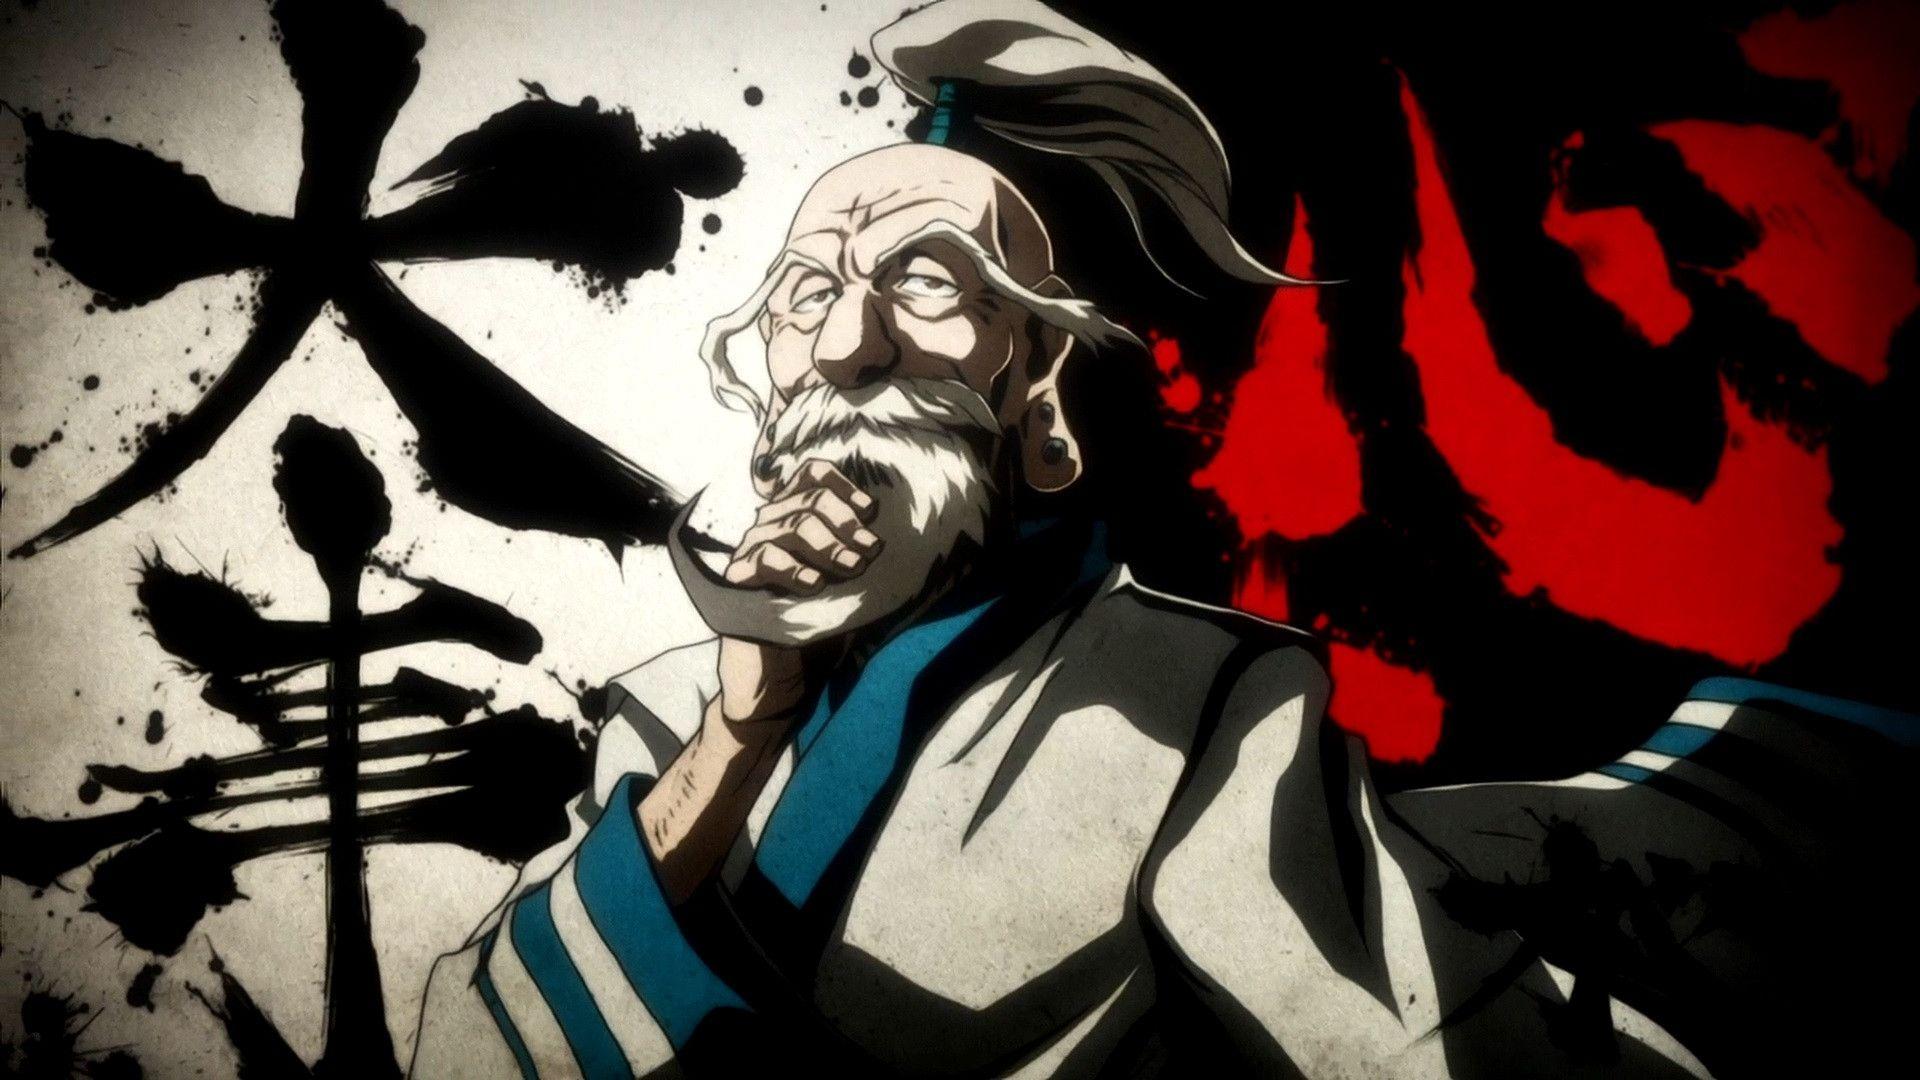 Hunter X Hunter Netero Wallpaper Imagem De Anime Anime Personagens De Anime